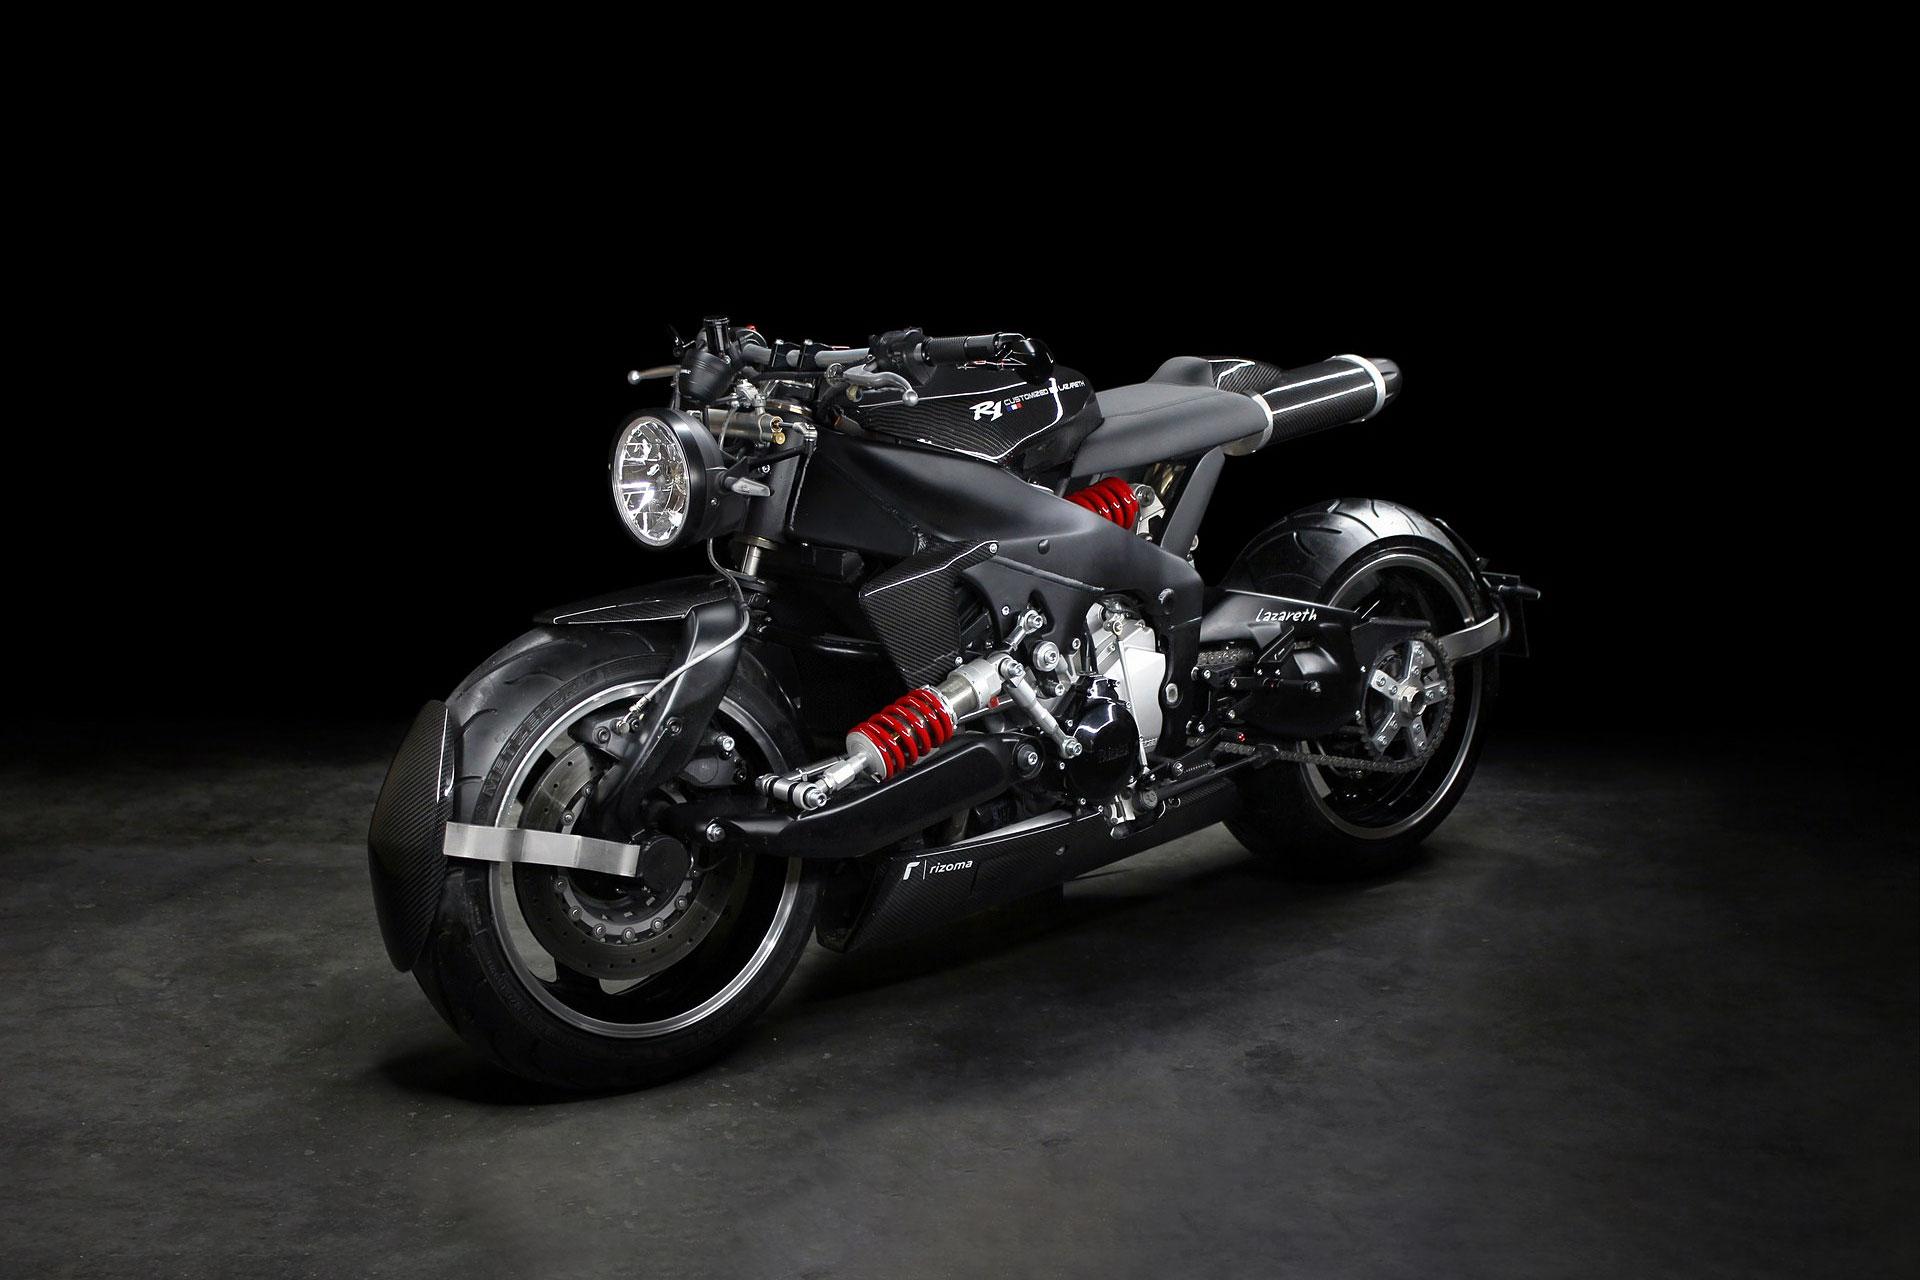 2018 Ducati Scrambler 1100 Uncrate